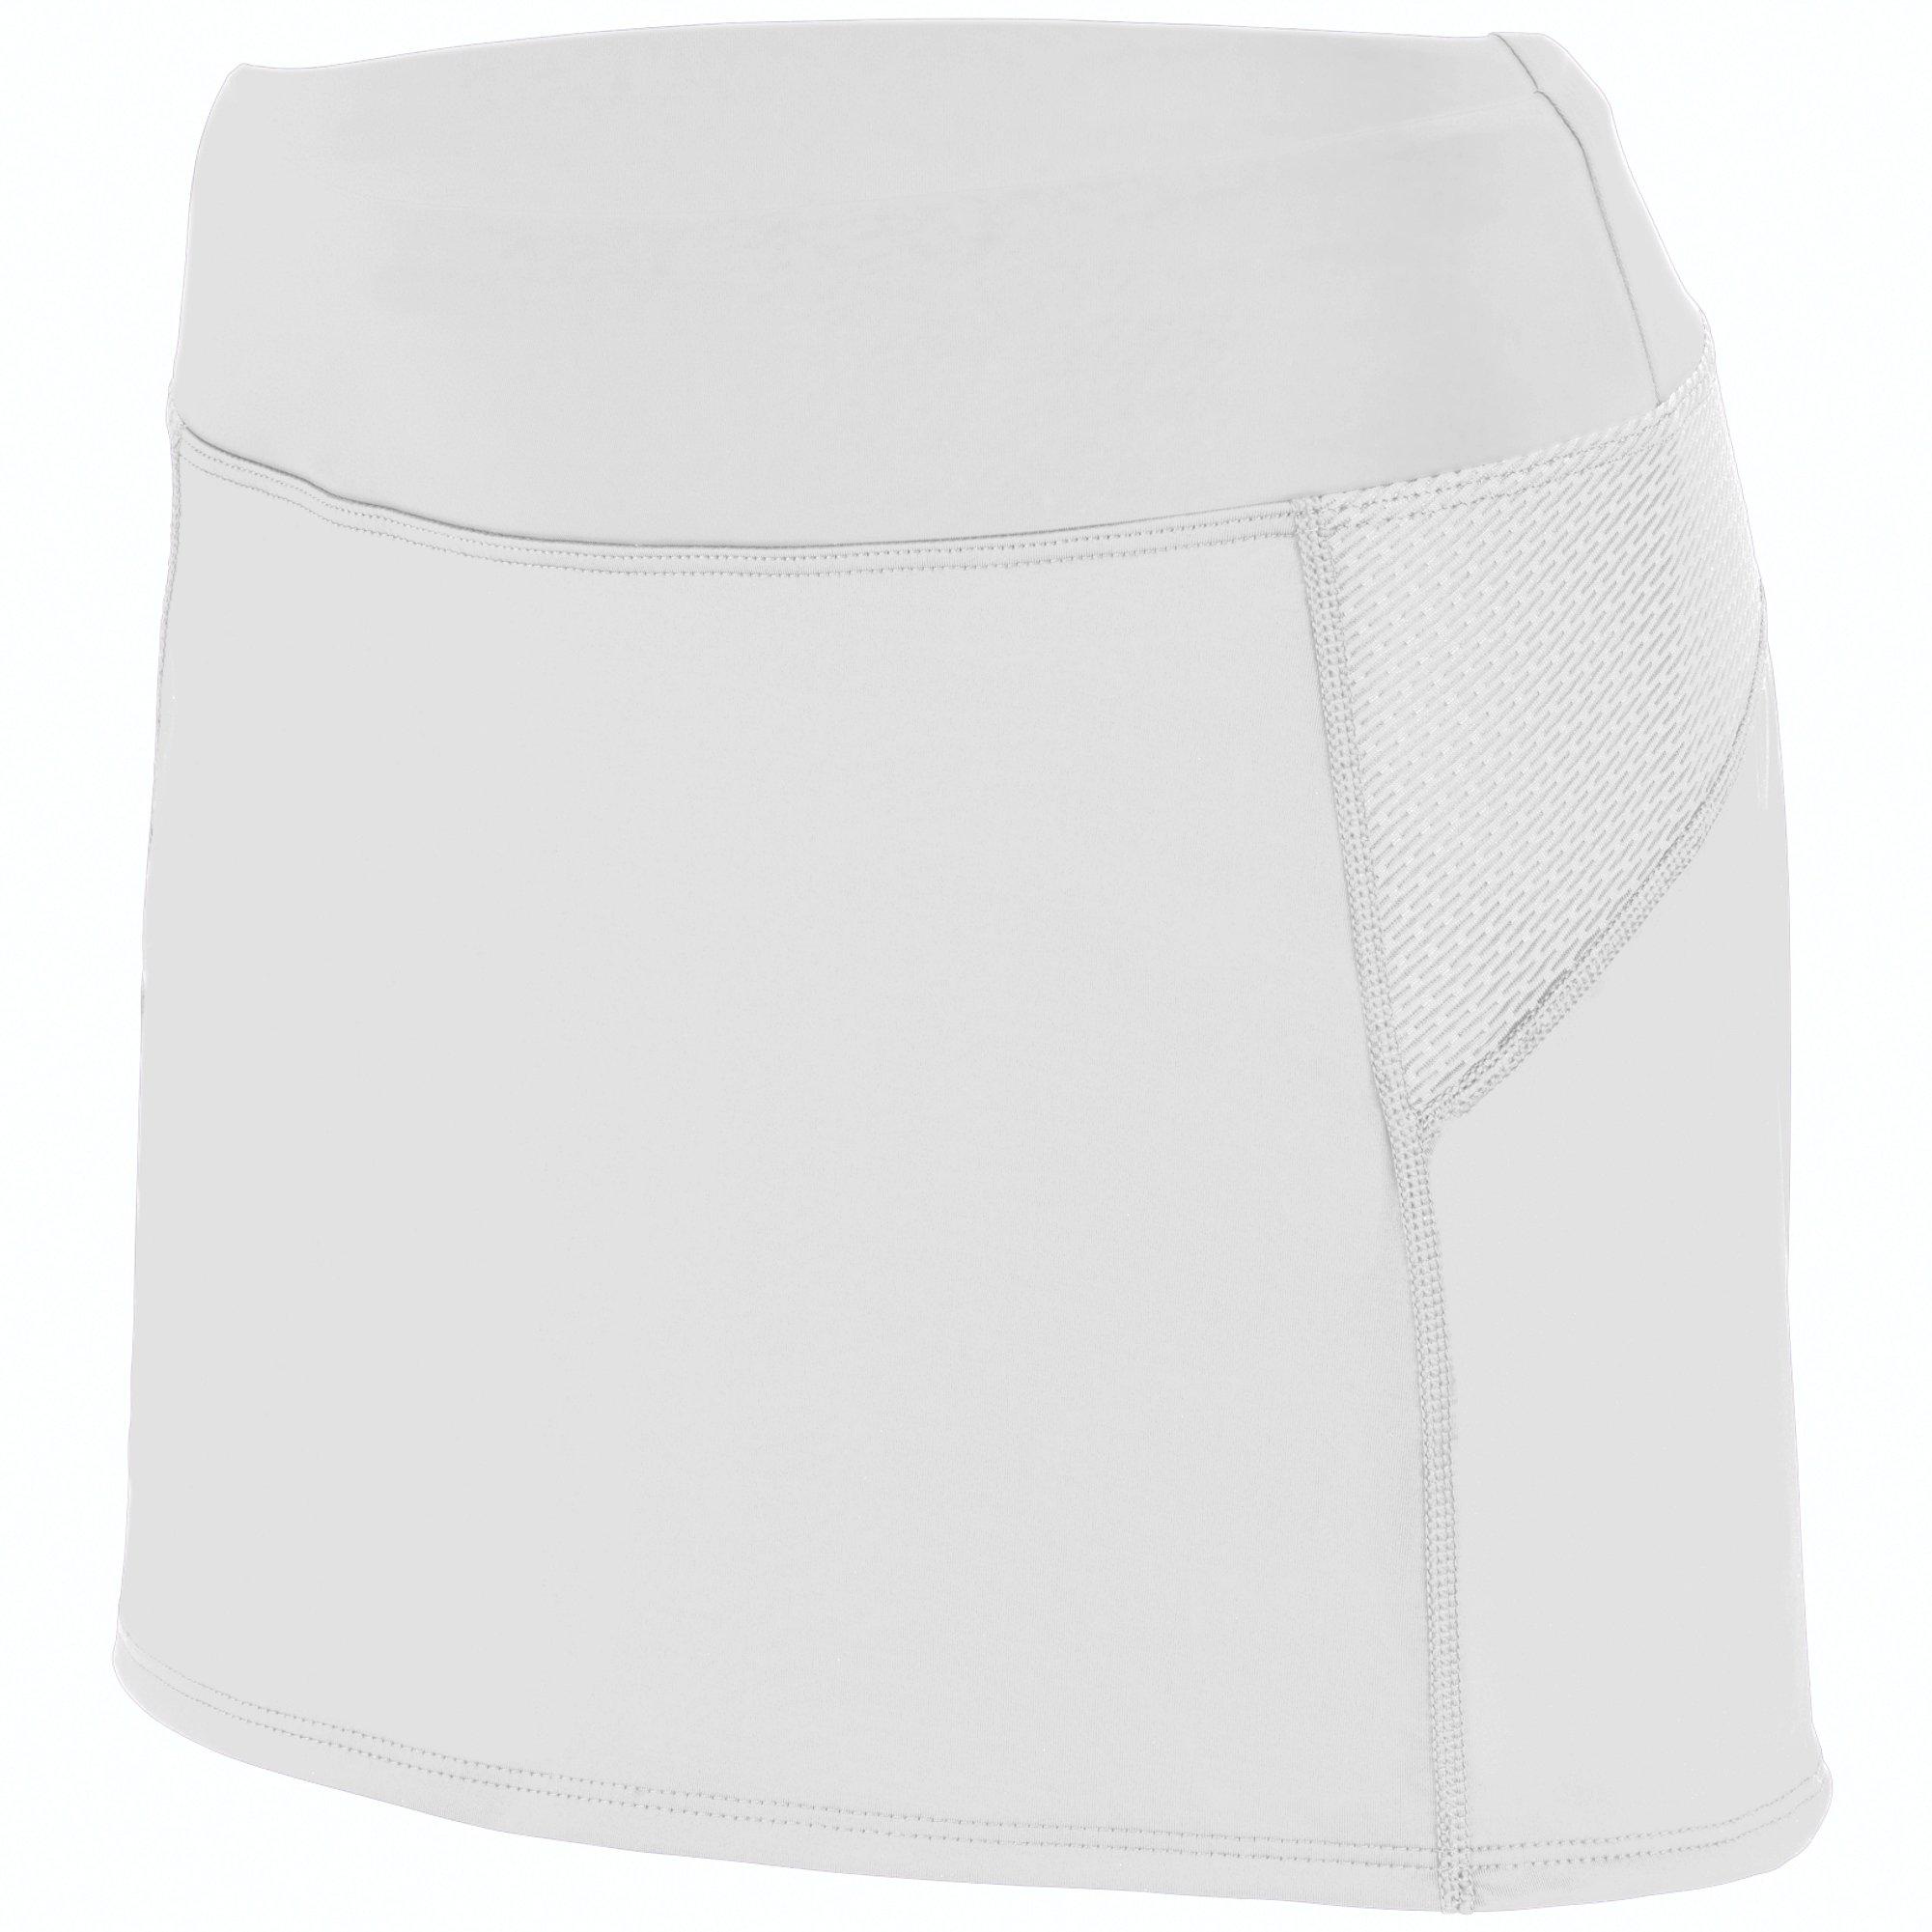 Augusta Sportswear Women's Femfit Skort S White/Graphite